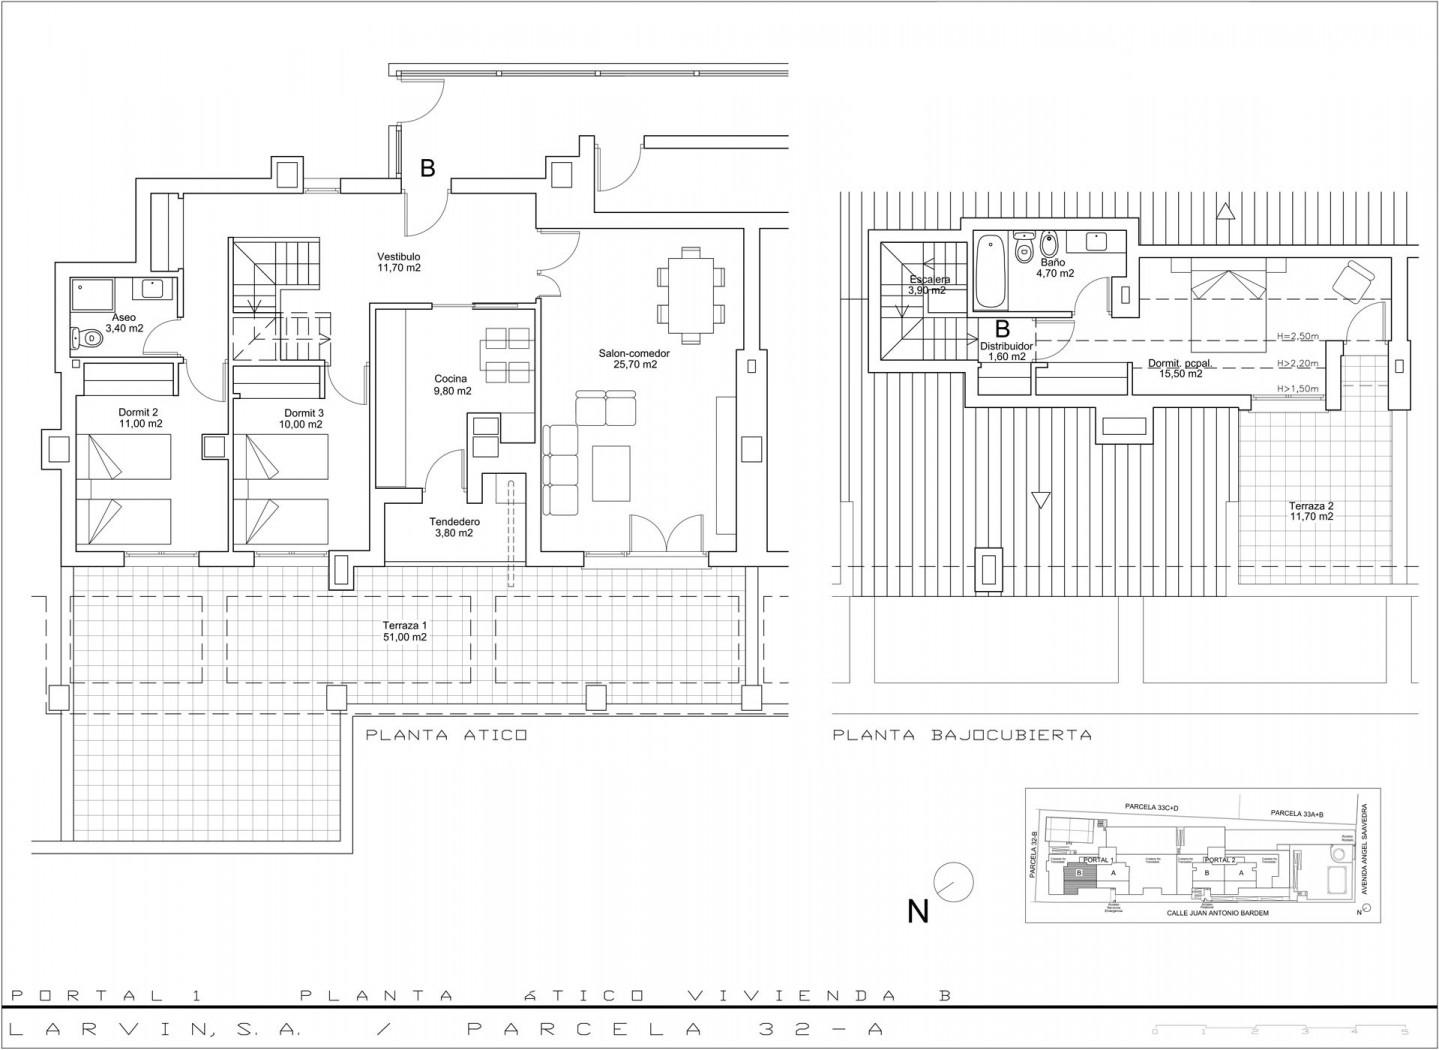 P32A-P1-Atico-B-e1411725783246